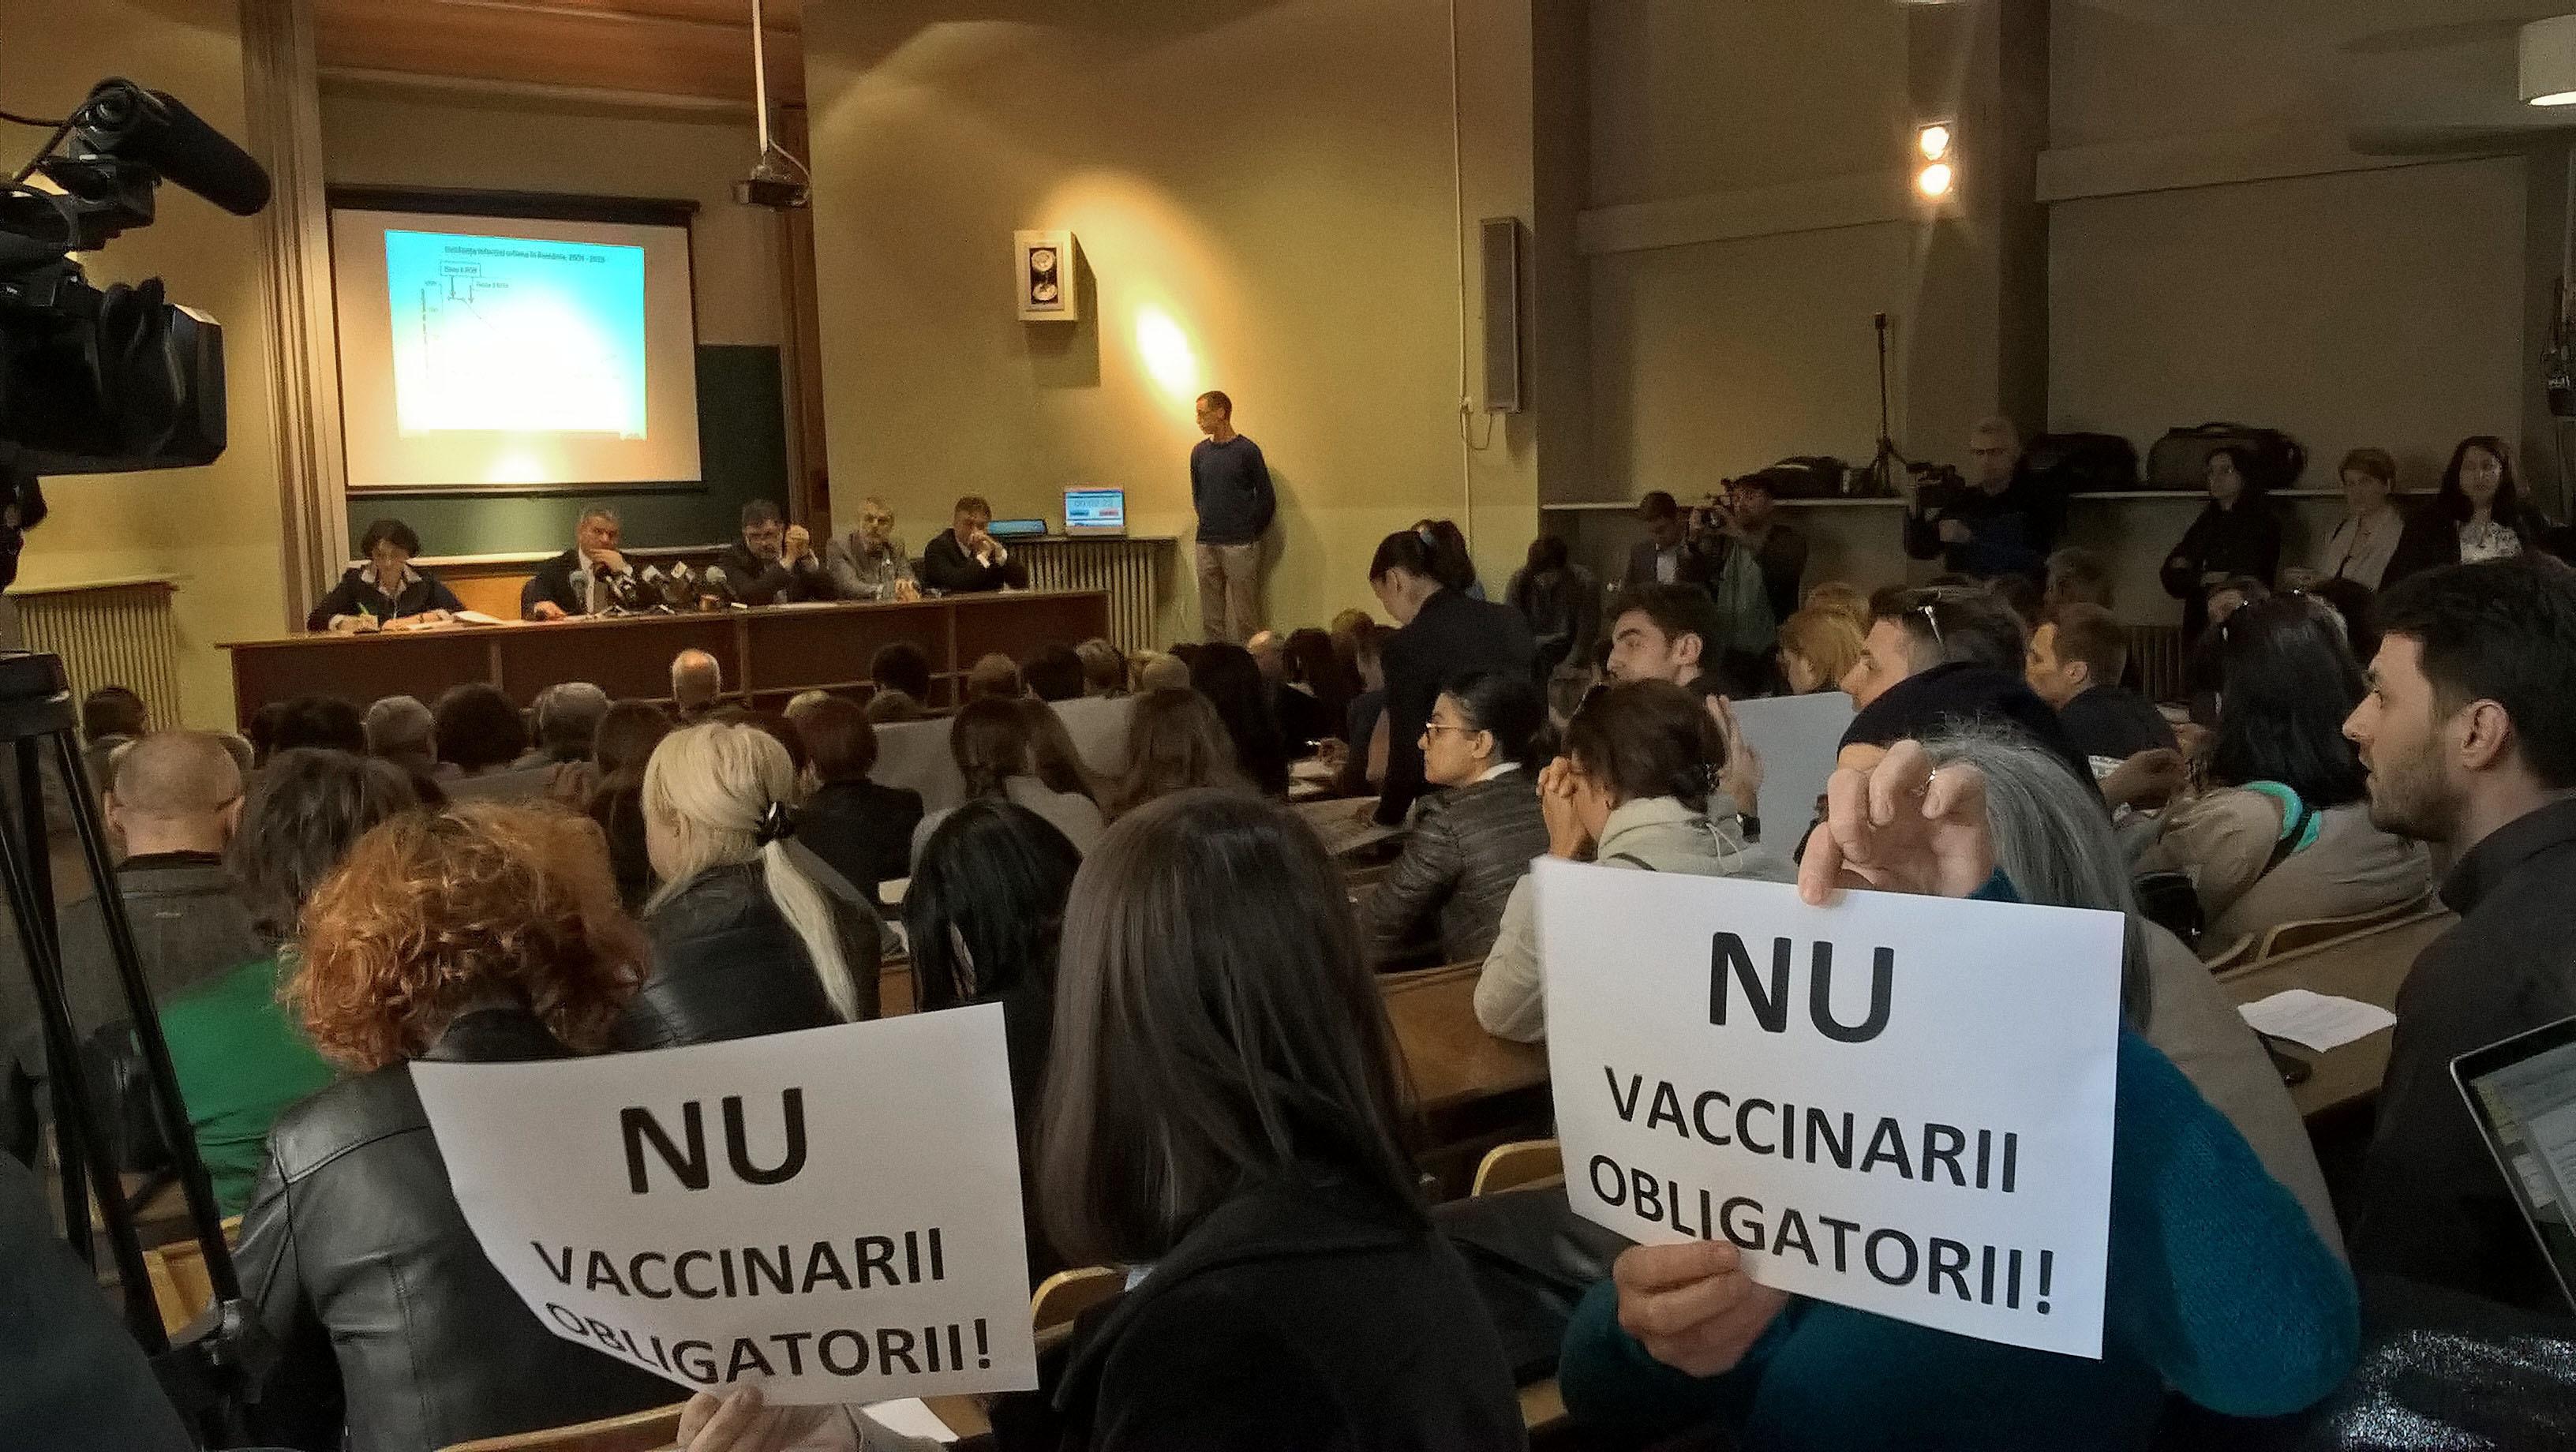 Amenzi URIAŞE pentru părinţii care refuză INFORMAREA, nu vaccinarea/ Cum se stabileşte dacă un părinte se documentează sau nu